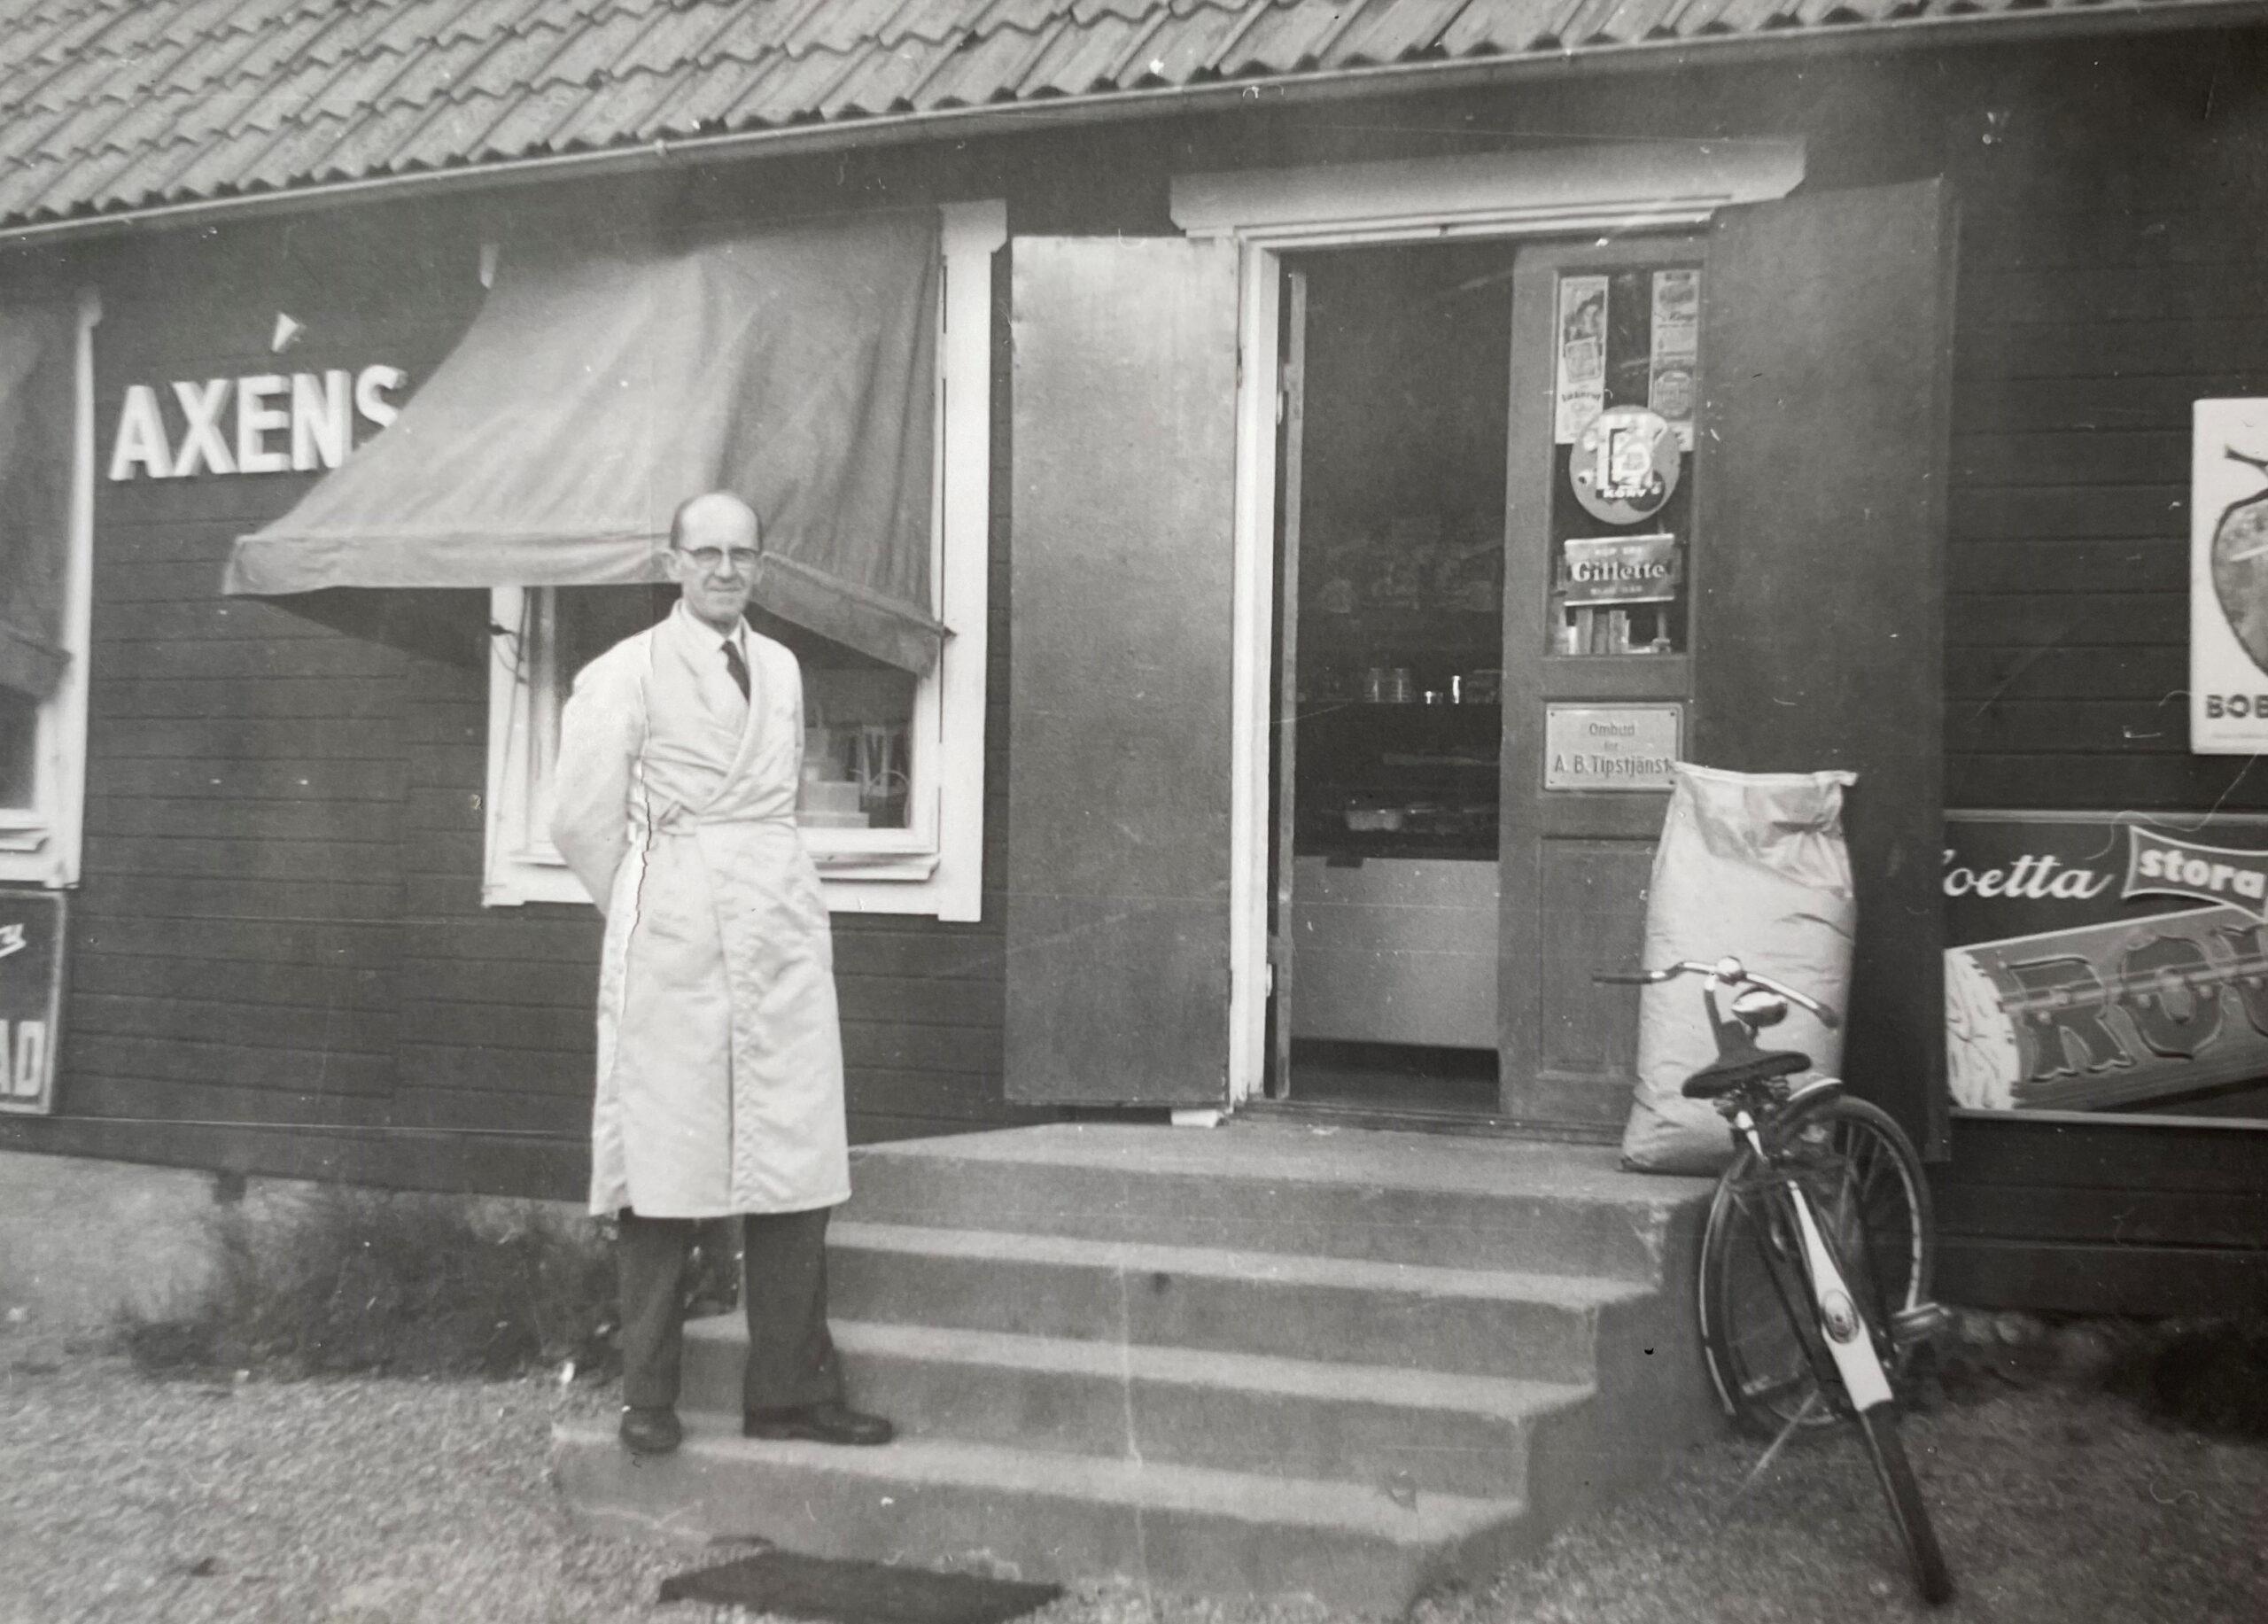 Ett svartvitt gammalt foto på en stolt man klädd vit rock poserandes utanför en byggnad som det står Axéns på.